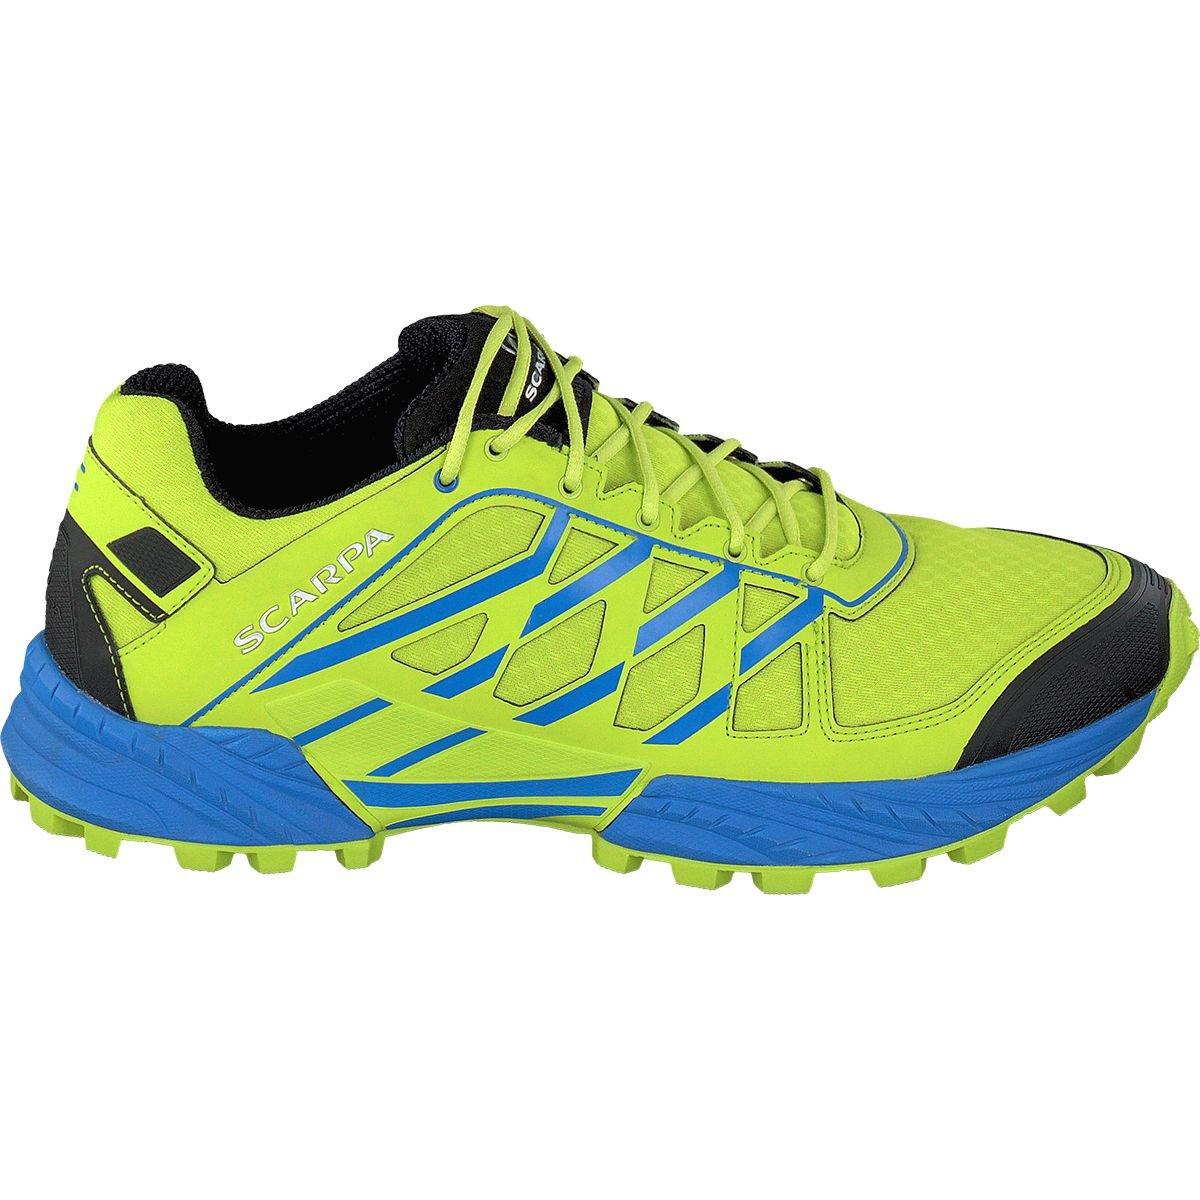 SCARPE NEUTRON44.5 44.5 lime/azure Venta de calzado deportivo de moda en línea